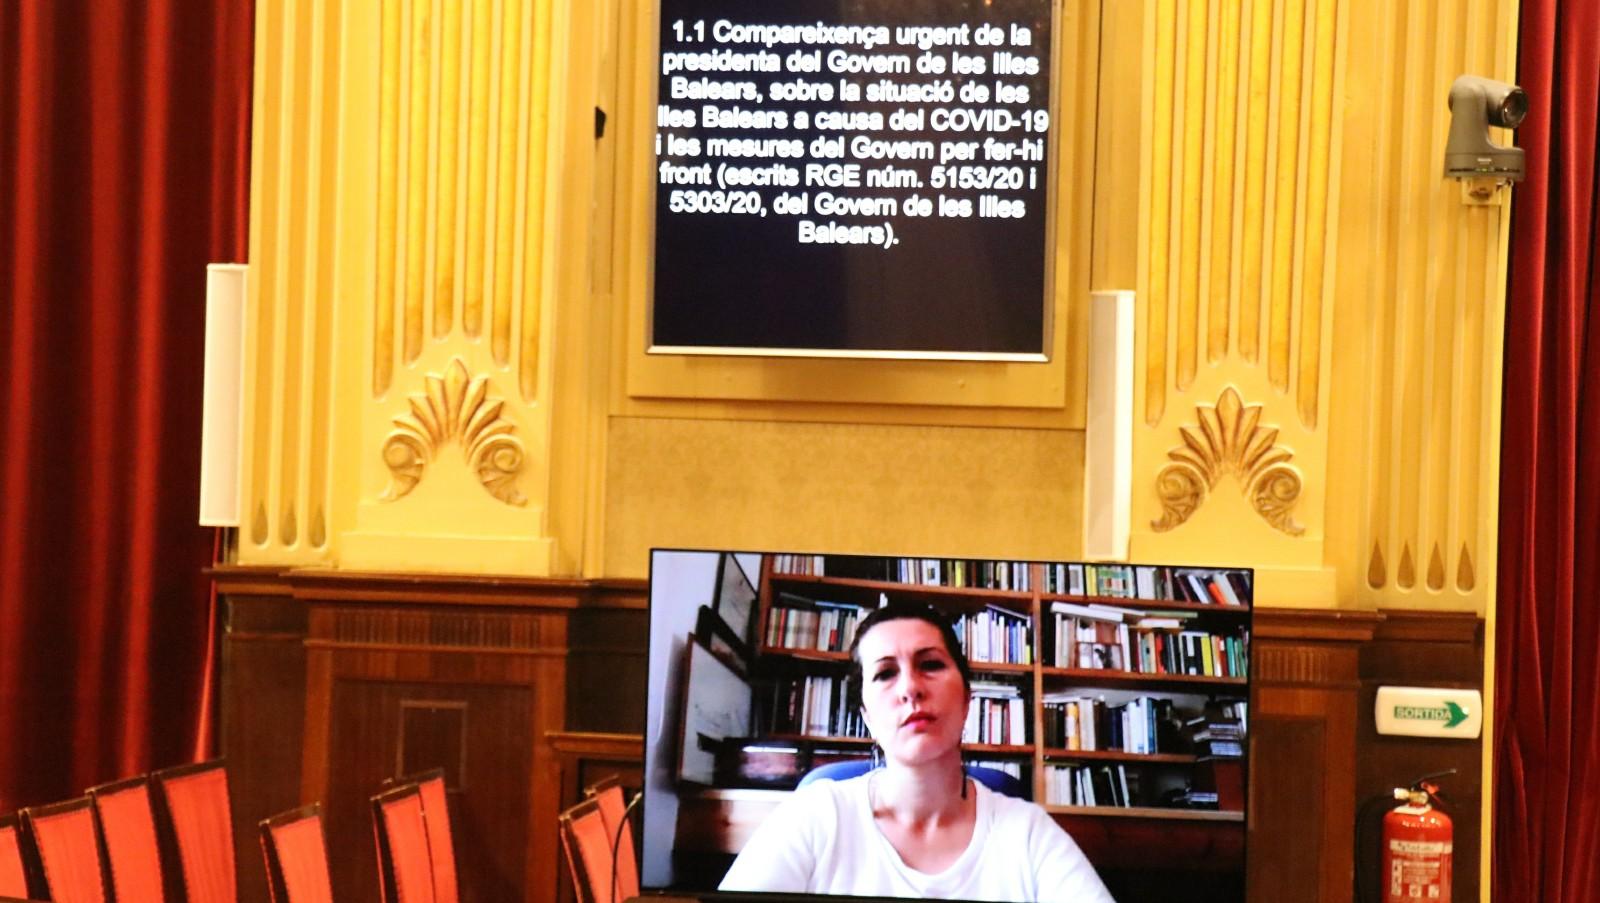 Sílvia Tur (Mixt-Gent per Formentera) fou la primera diputada en intervenir en una sessió parlamentària a través del sistema de videoconferència, el dia 23 de març de 2020.